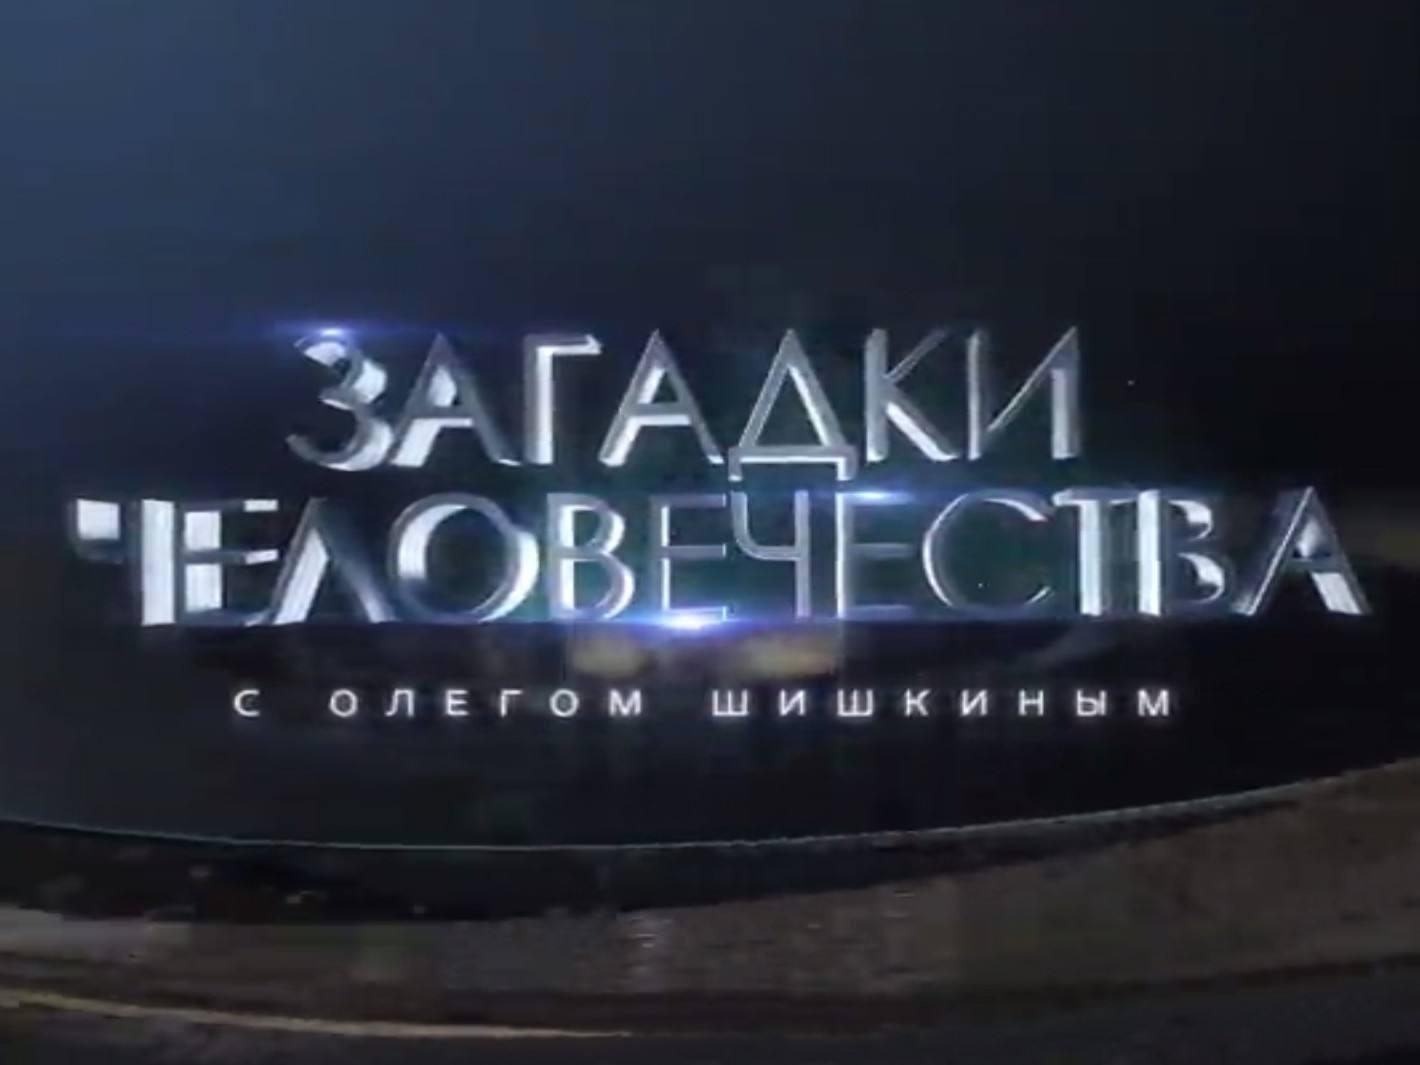 Загадки человечества с Олегом Шишкиным 455 серия в 23:30 на РЕН ТВ